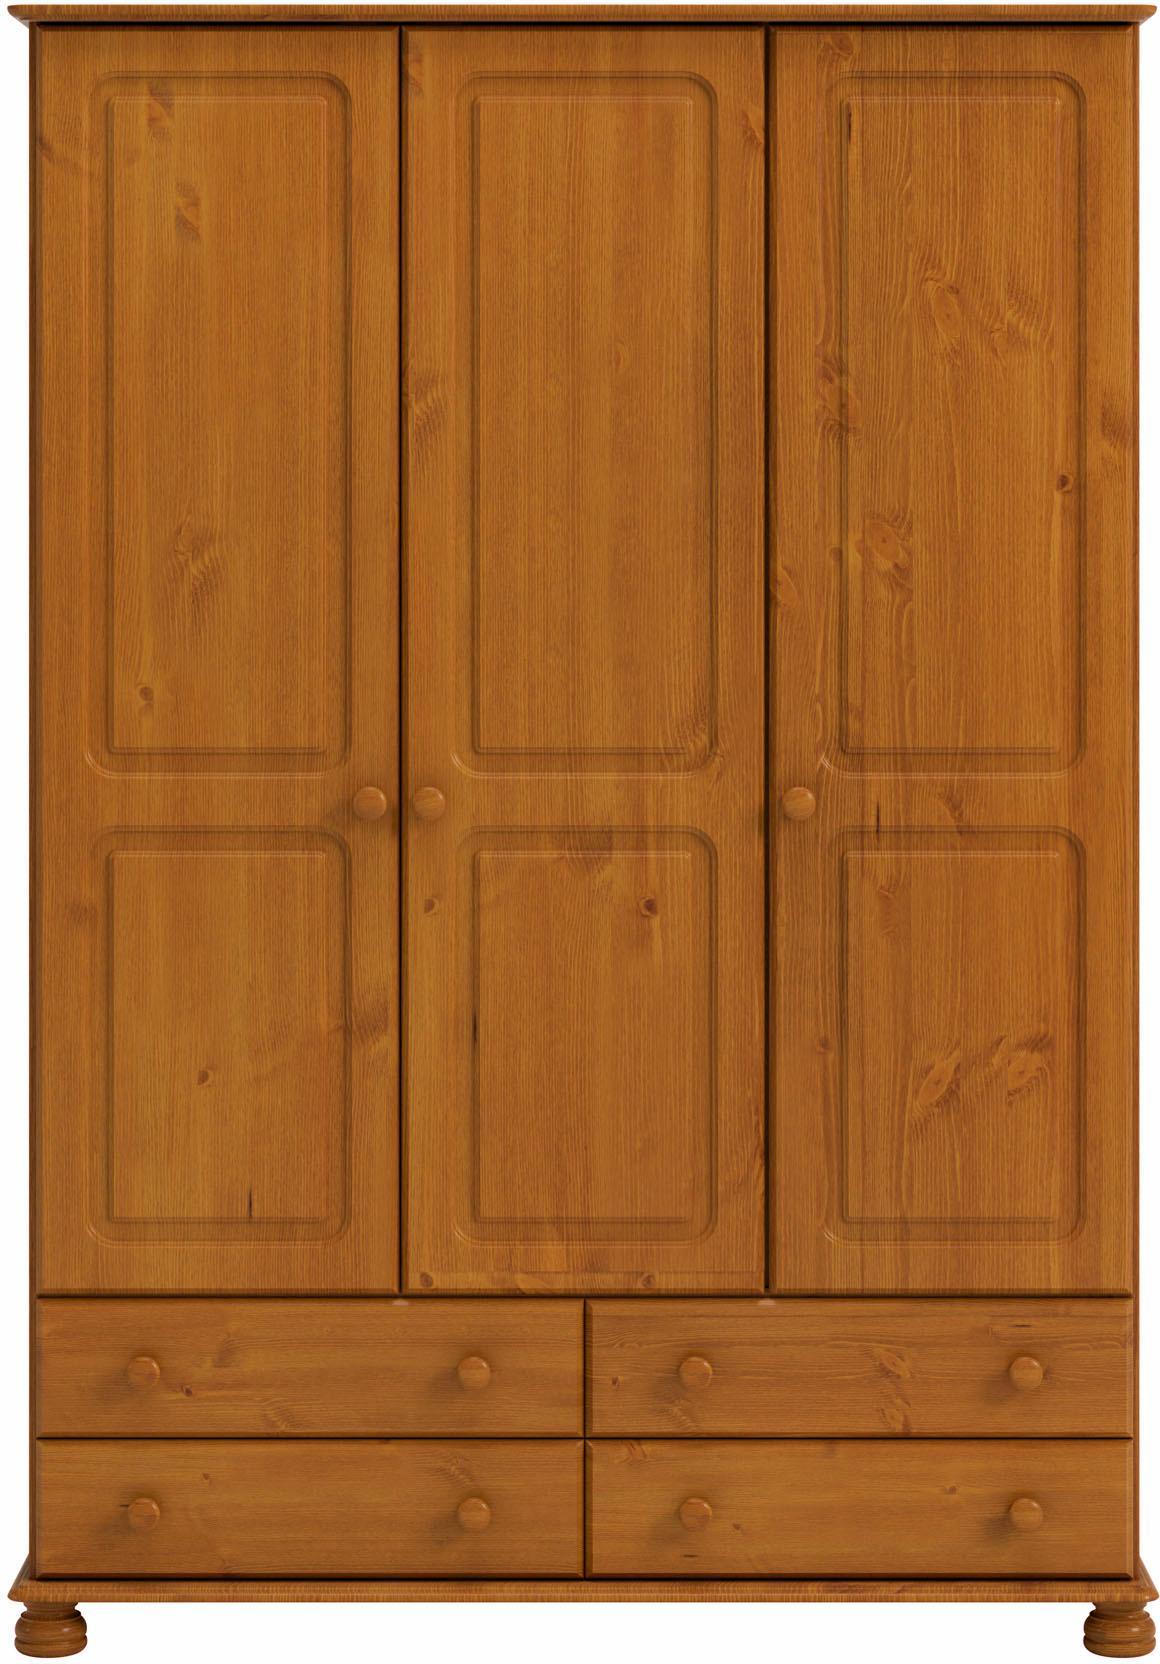 Home affaire Kleiderschrank Richmond mit 3 Türen und 4 Schubladen Breite 129 cm